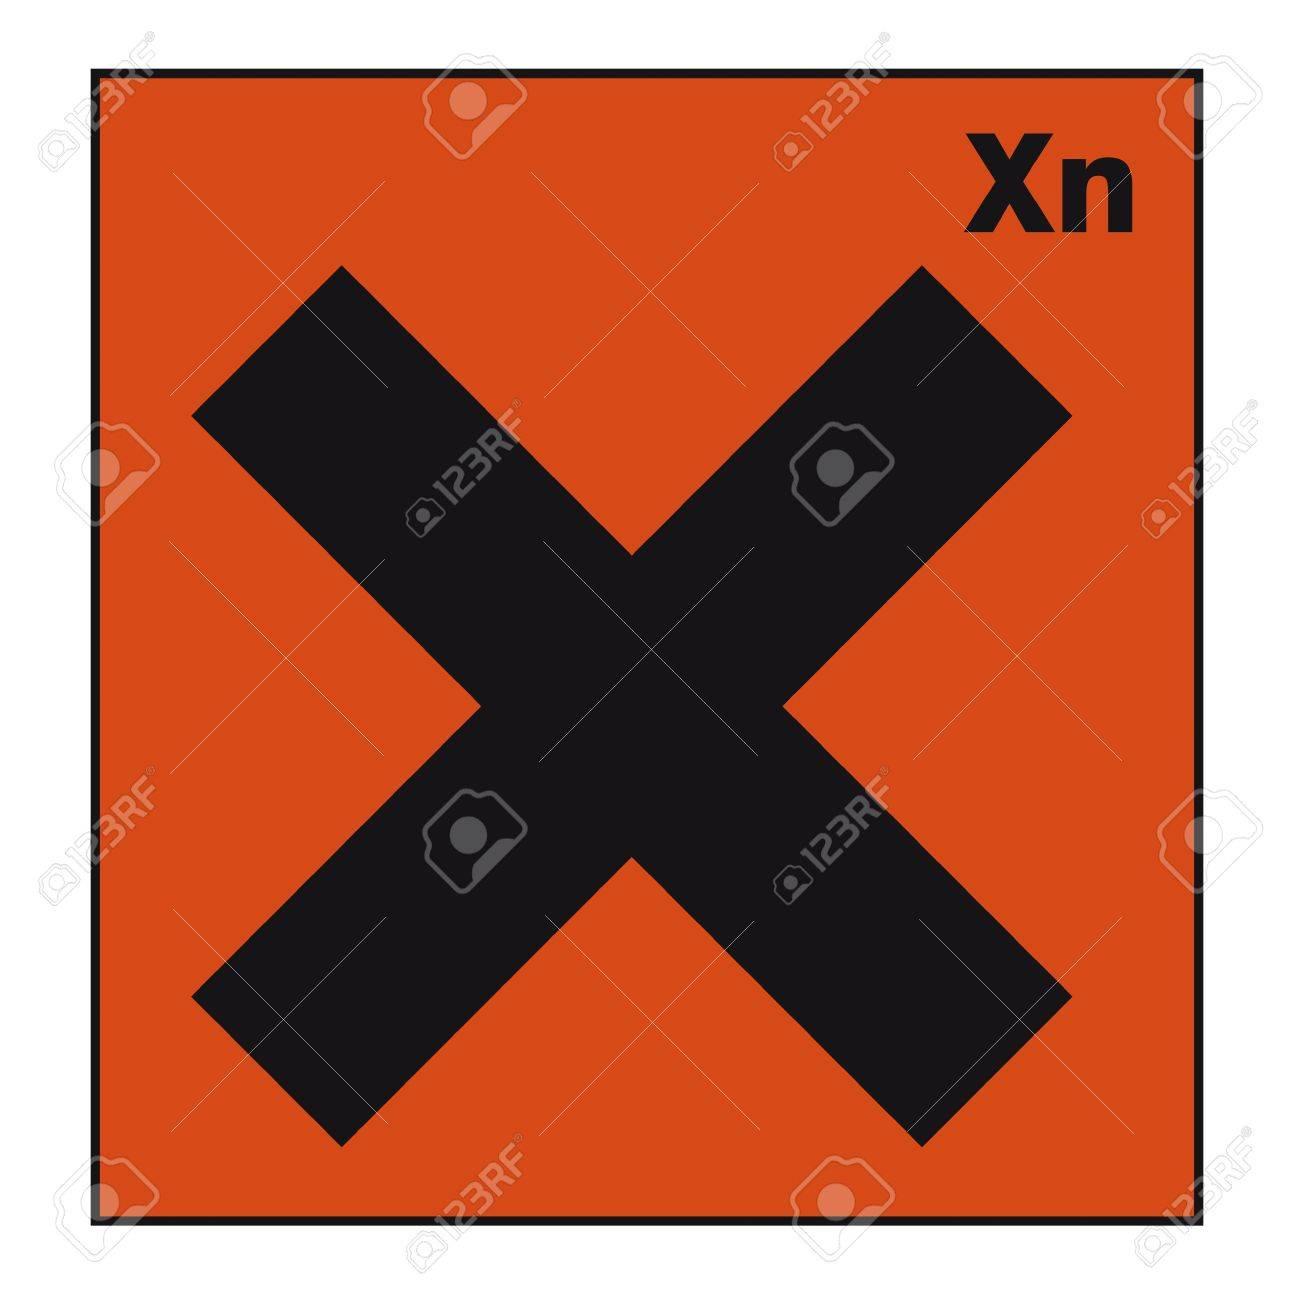 safety sign danger sign hazardous chemical chemistry Cross Stock Vector - 14377082